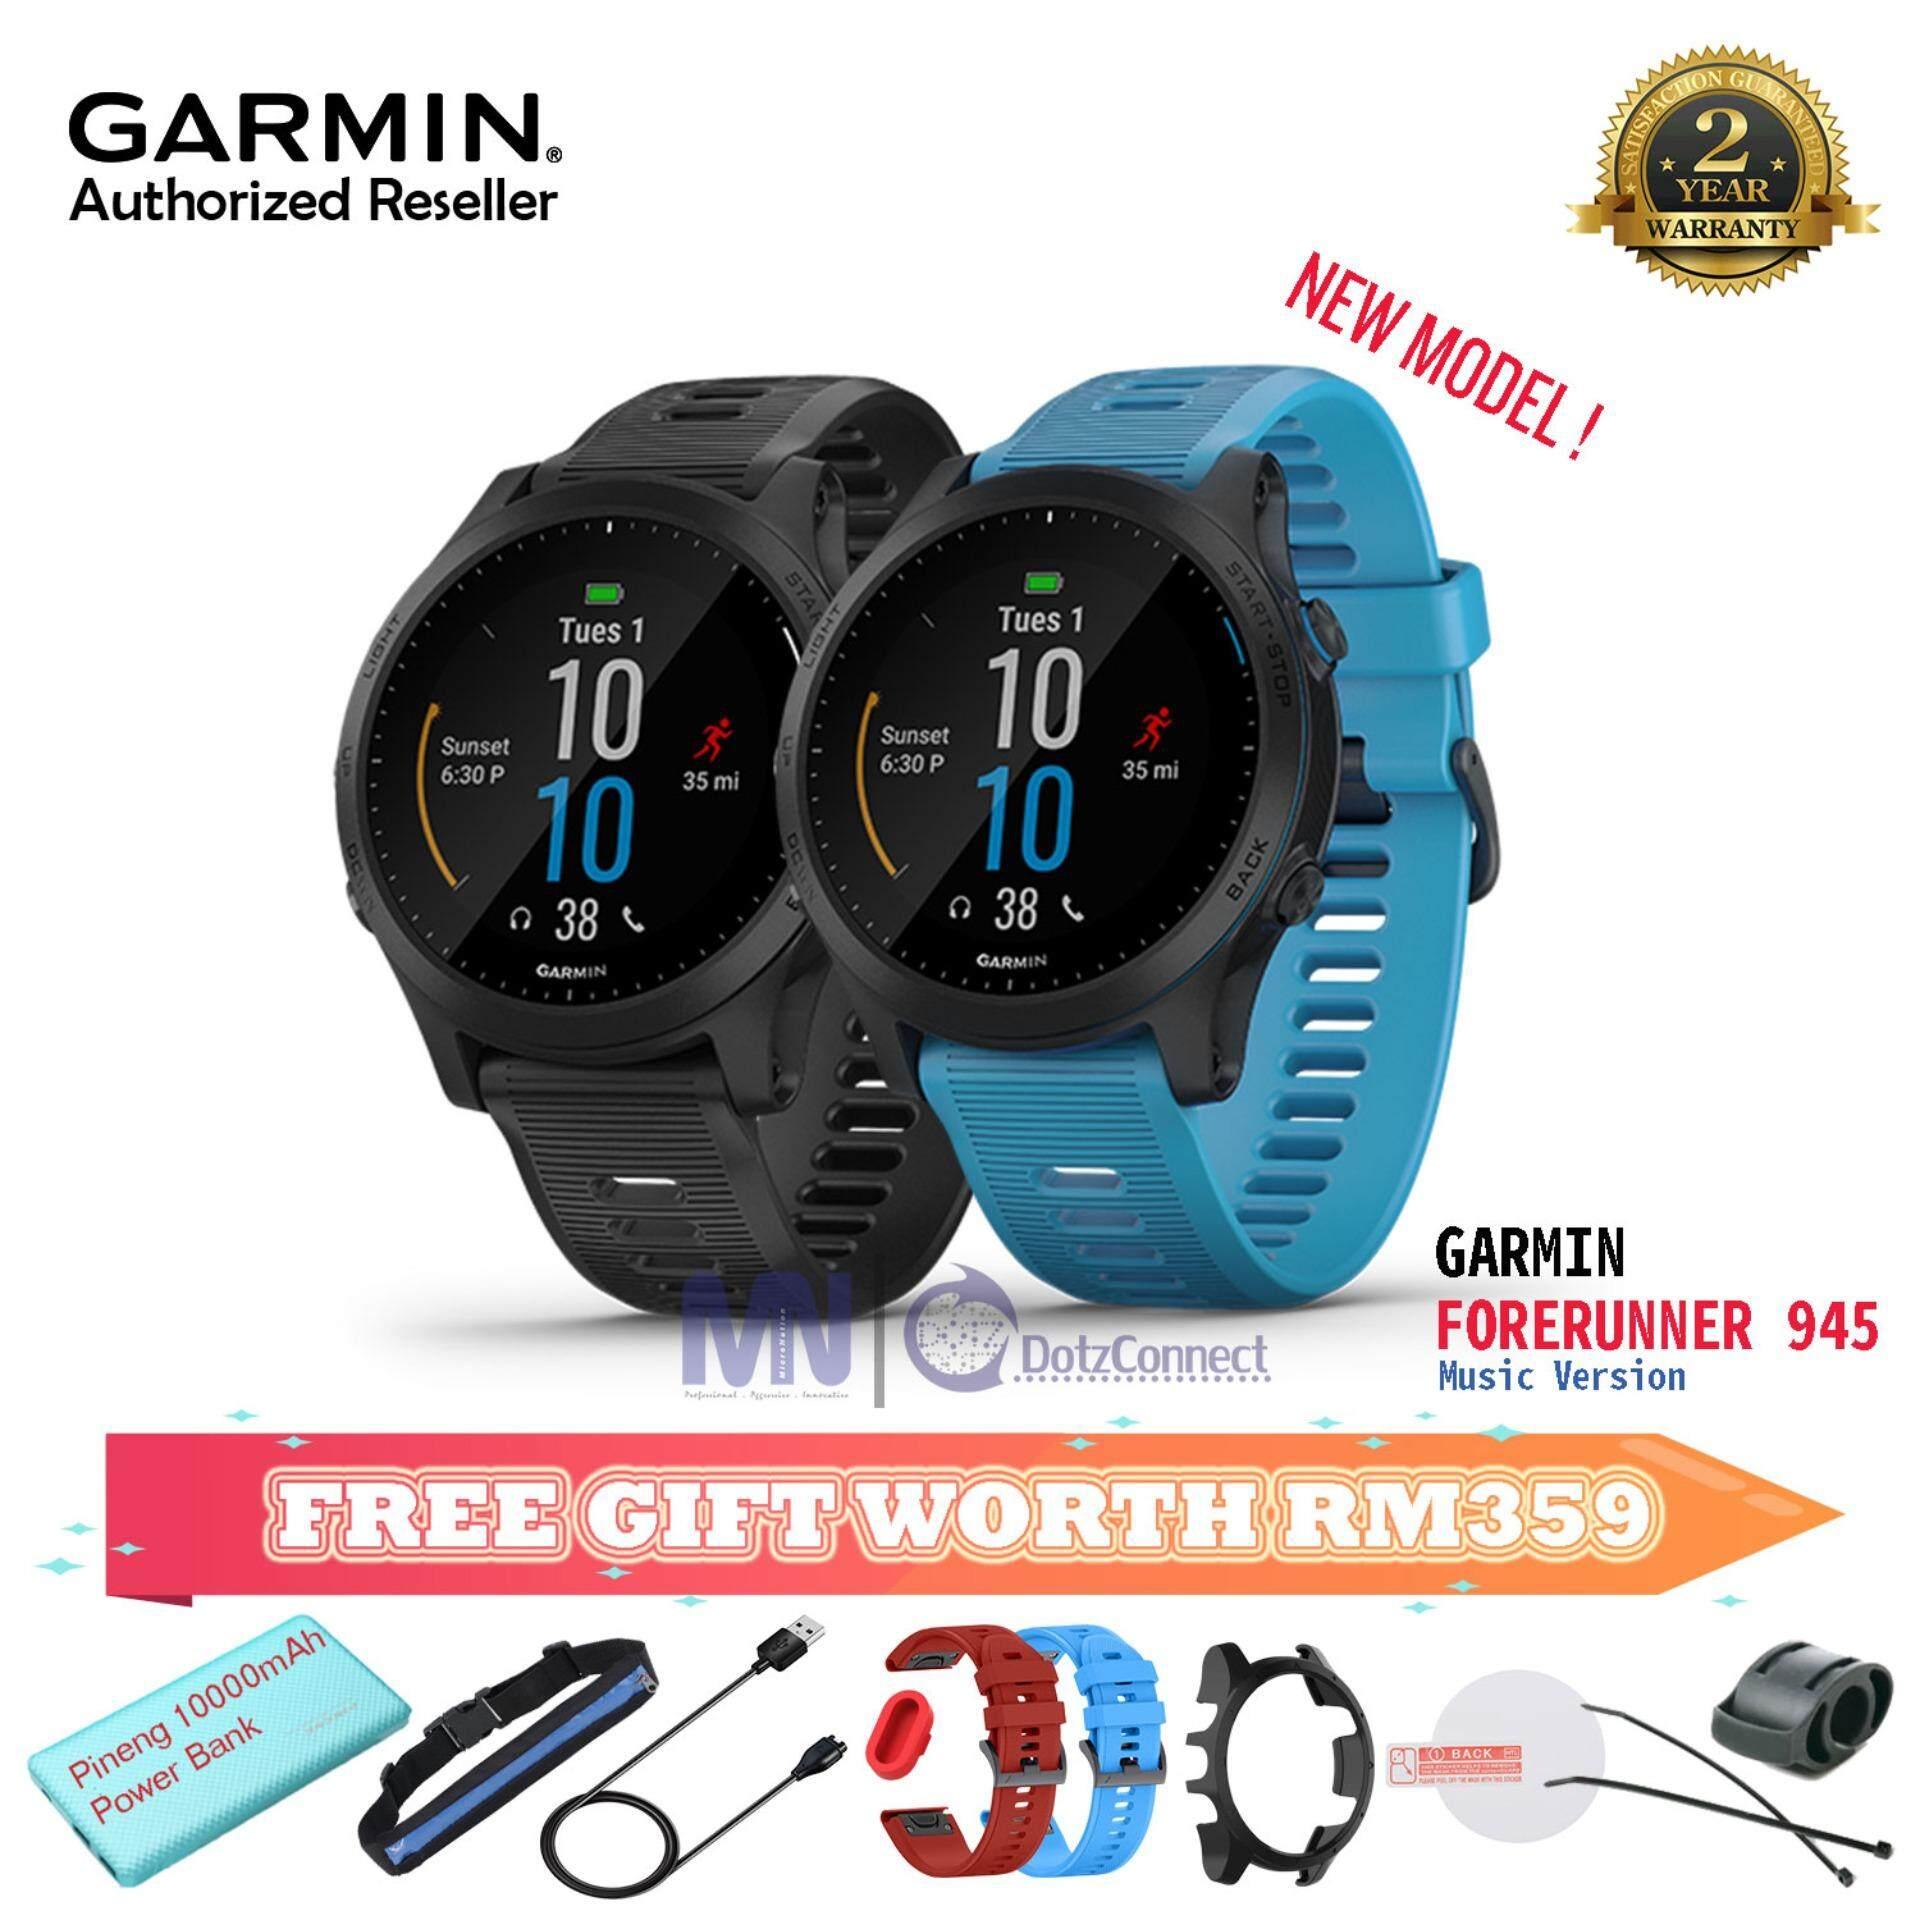 Garmin Forerunner 945 Premium GPS Running/Triathlon Smartwatch with Music [STOCK READY]